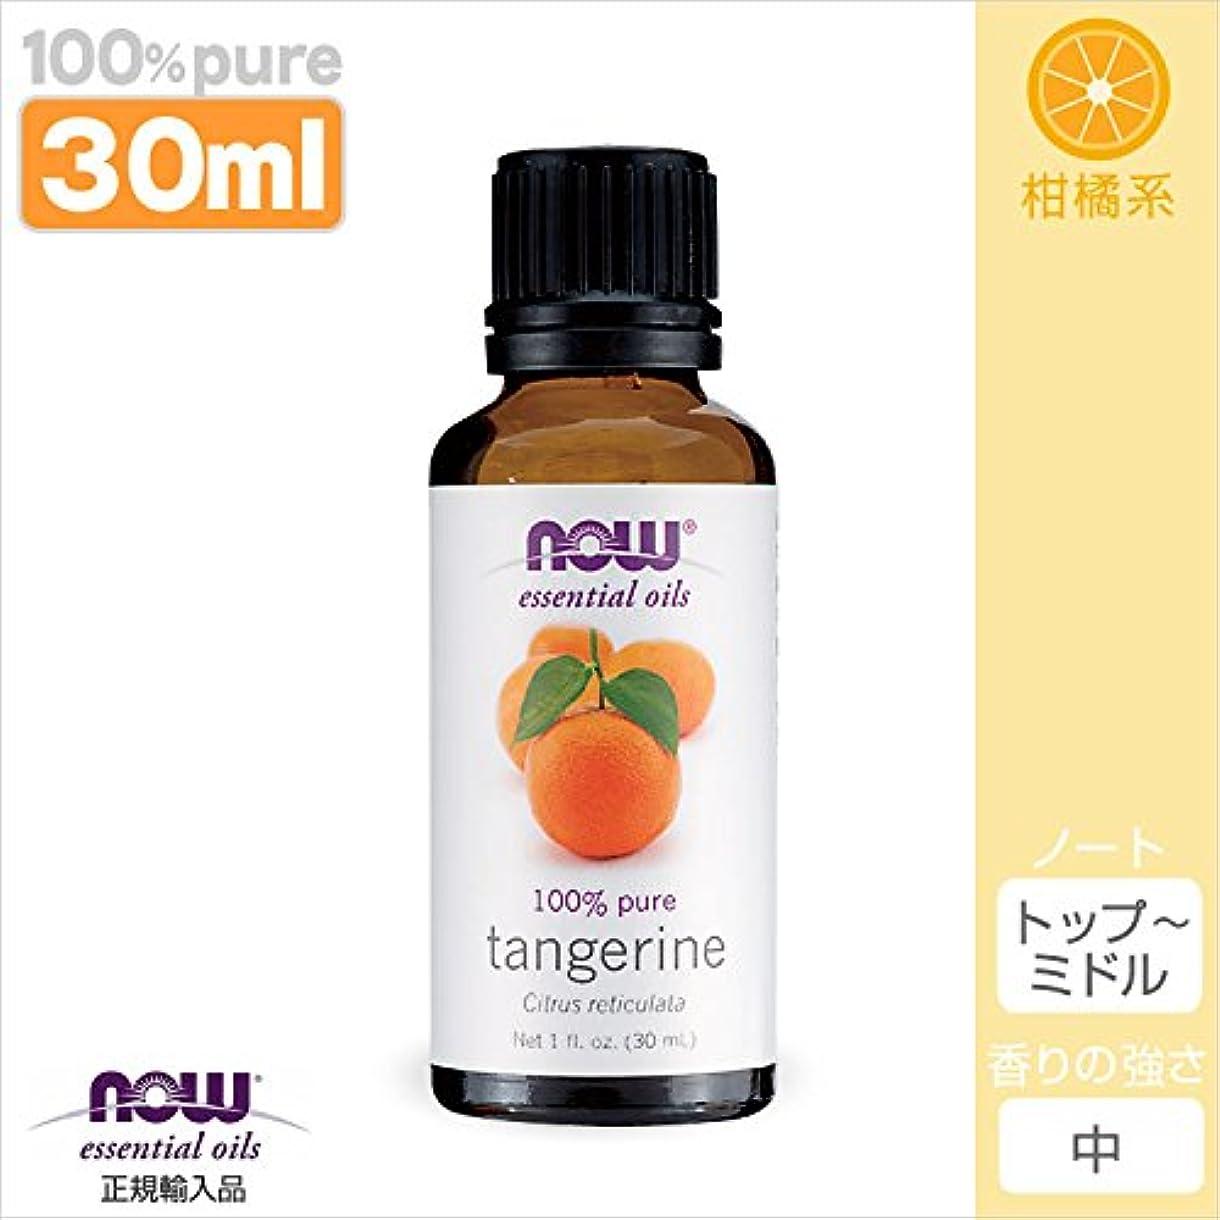 ペック混合したレイアウトタンジェリン 精油[30ml] 【正規輸入品】 NOWエッセンシャルオイル(アロマオイル)